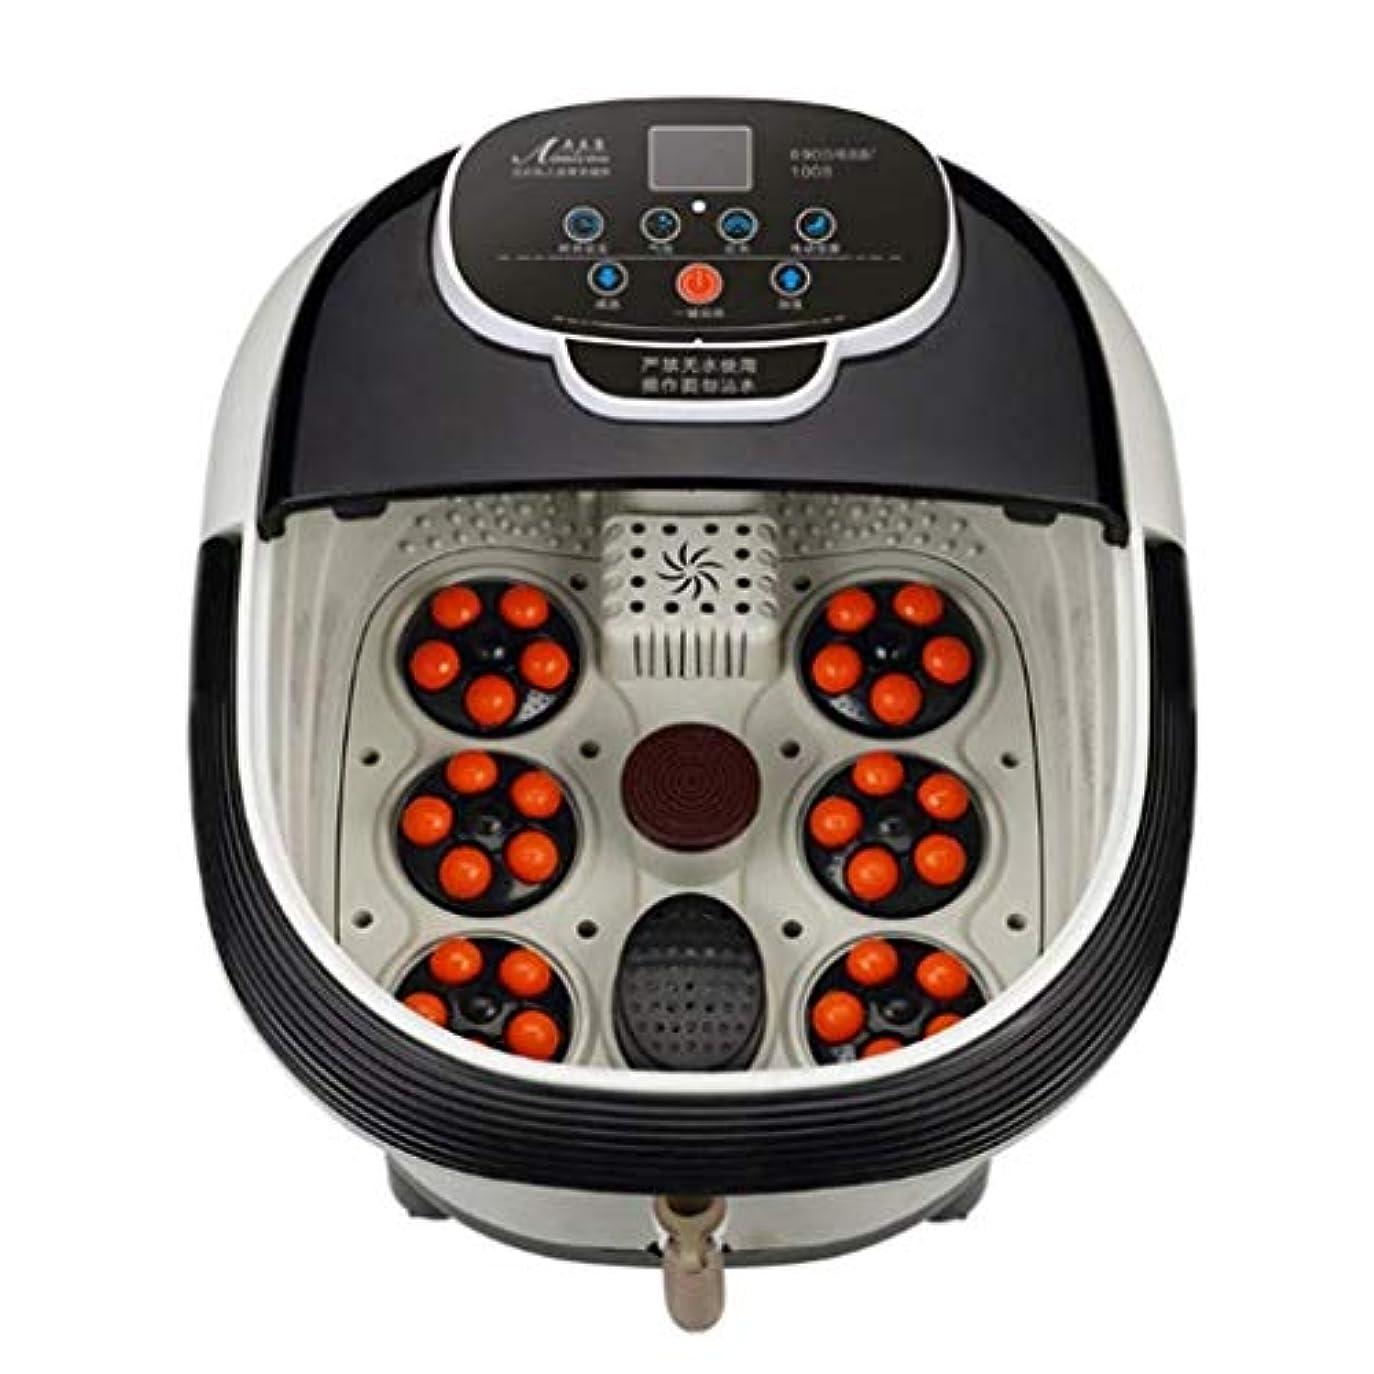 暗い懺悔インサート電動フットマッサージベイスン、フットバスバレル、フットバススパマッサージャー、痛みの緩和/睡眠の促進、ホームオフィスでの使用